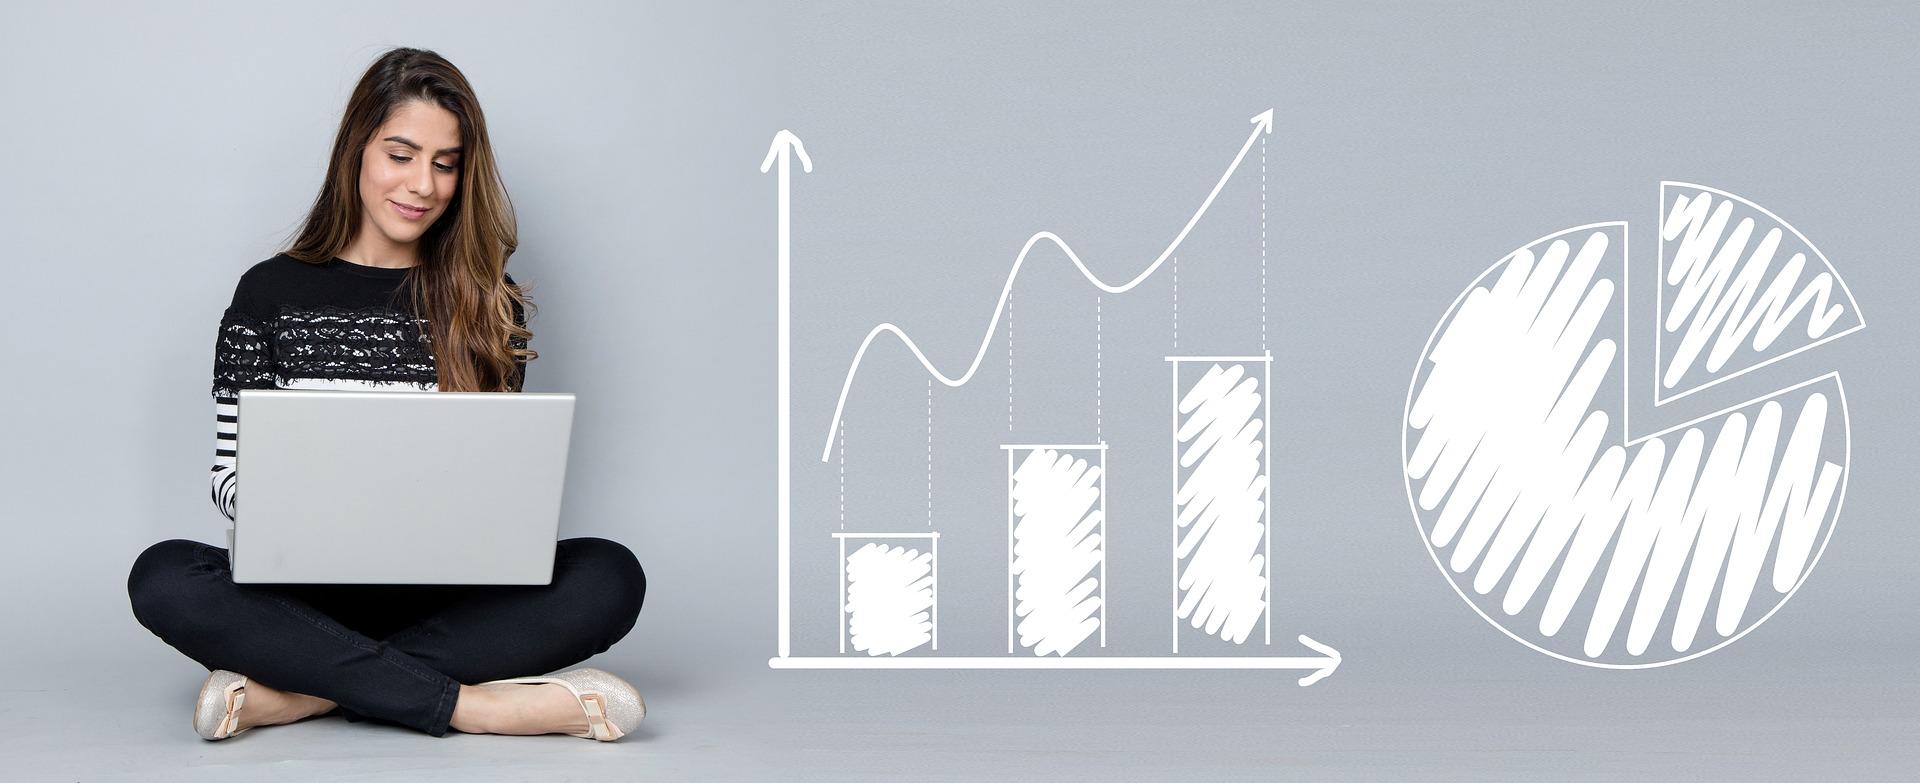 חושבים על העתיד: במה כדאי להשקיע כדי להניב רווחים בטווח הארוך?